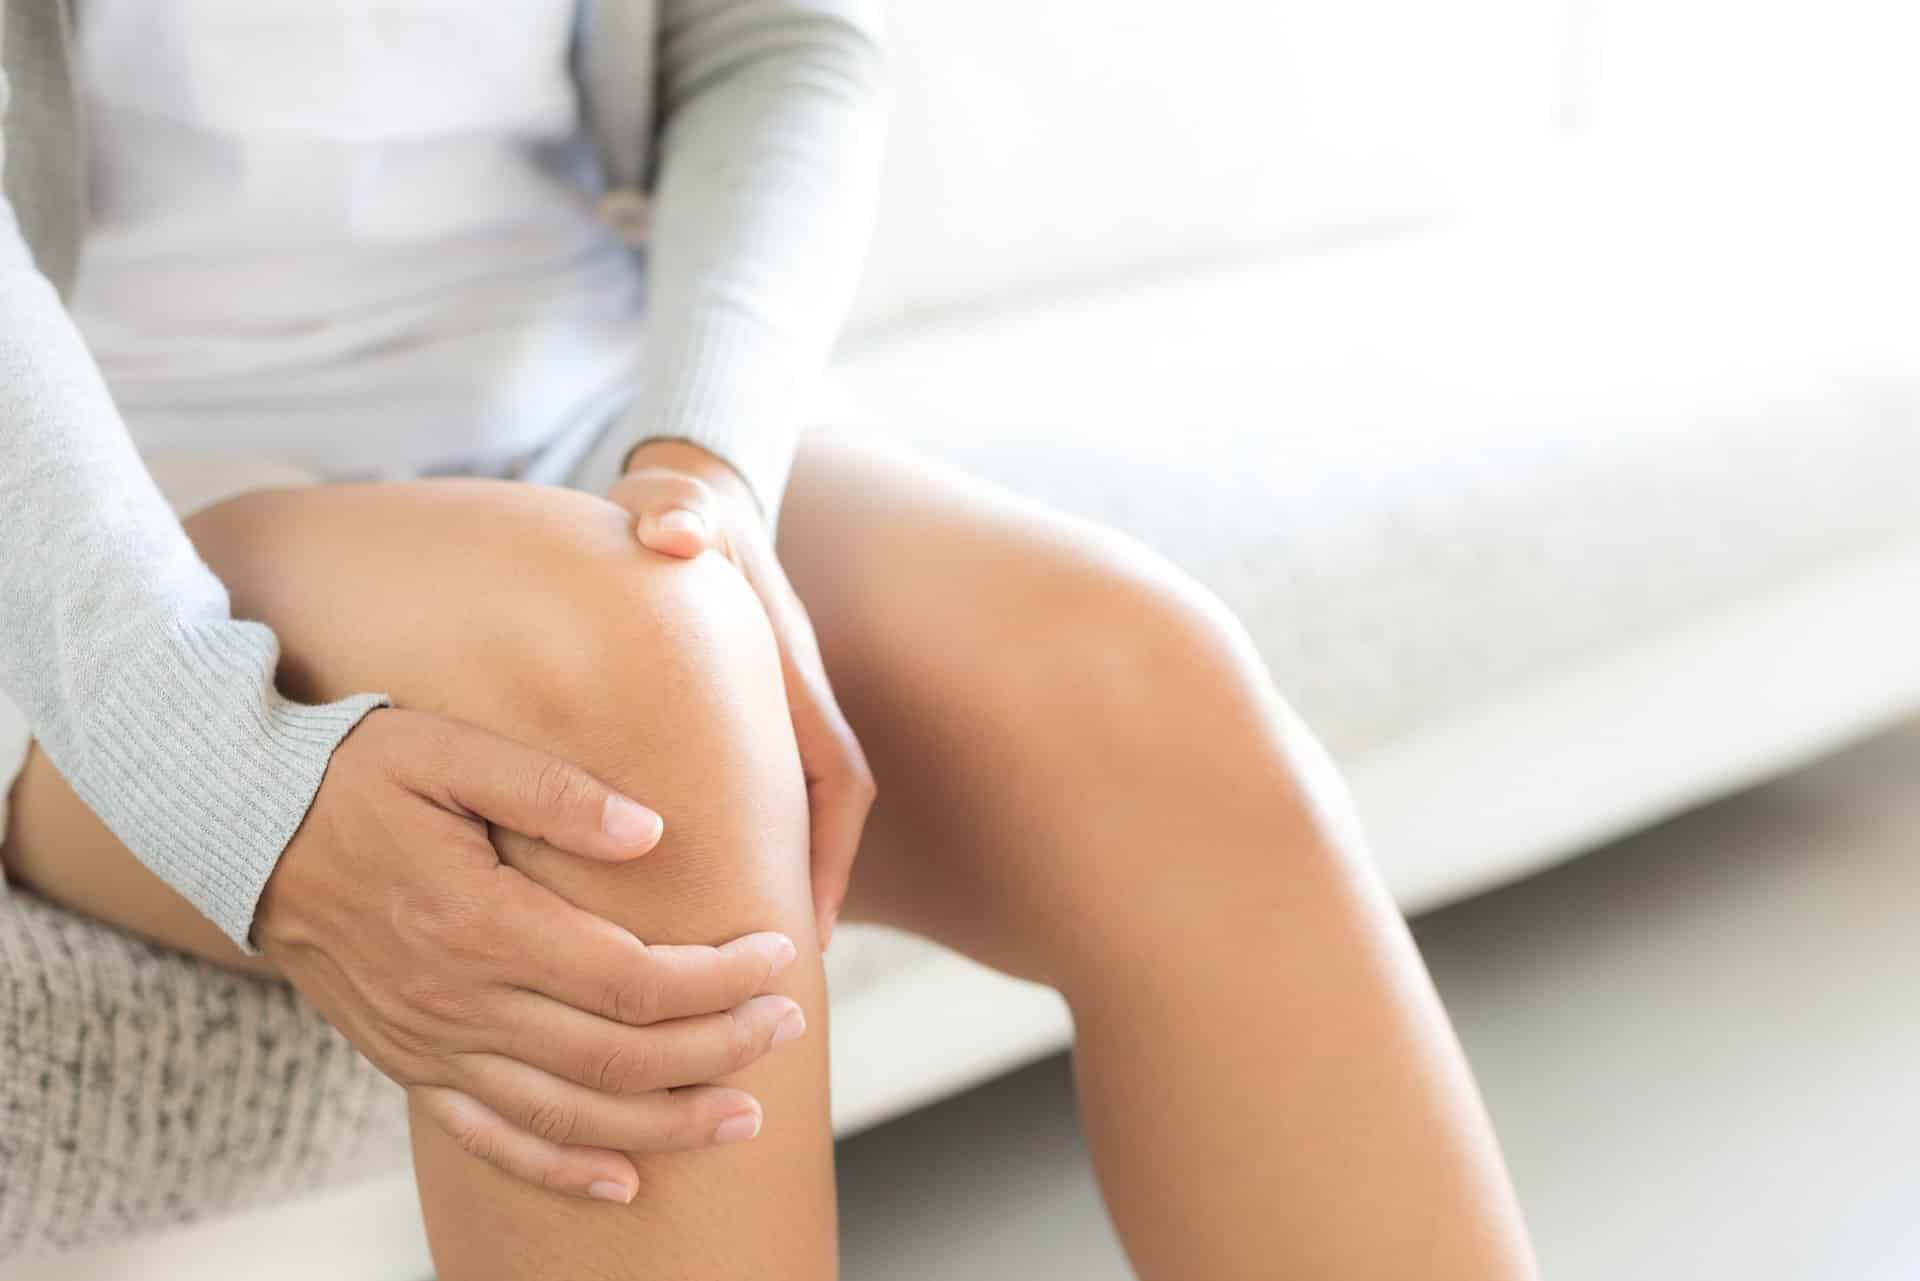 Barulhos do corpo: sinais para você ficar alerta com sua saúde